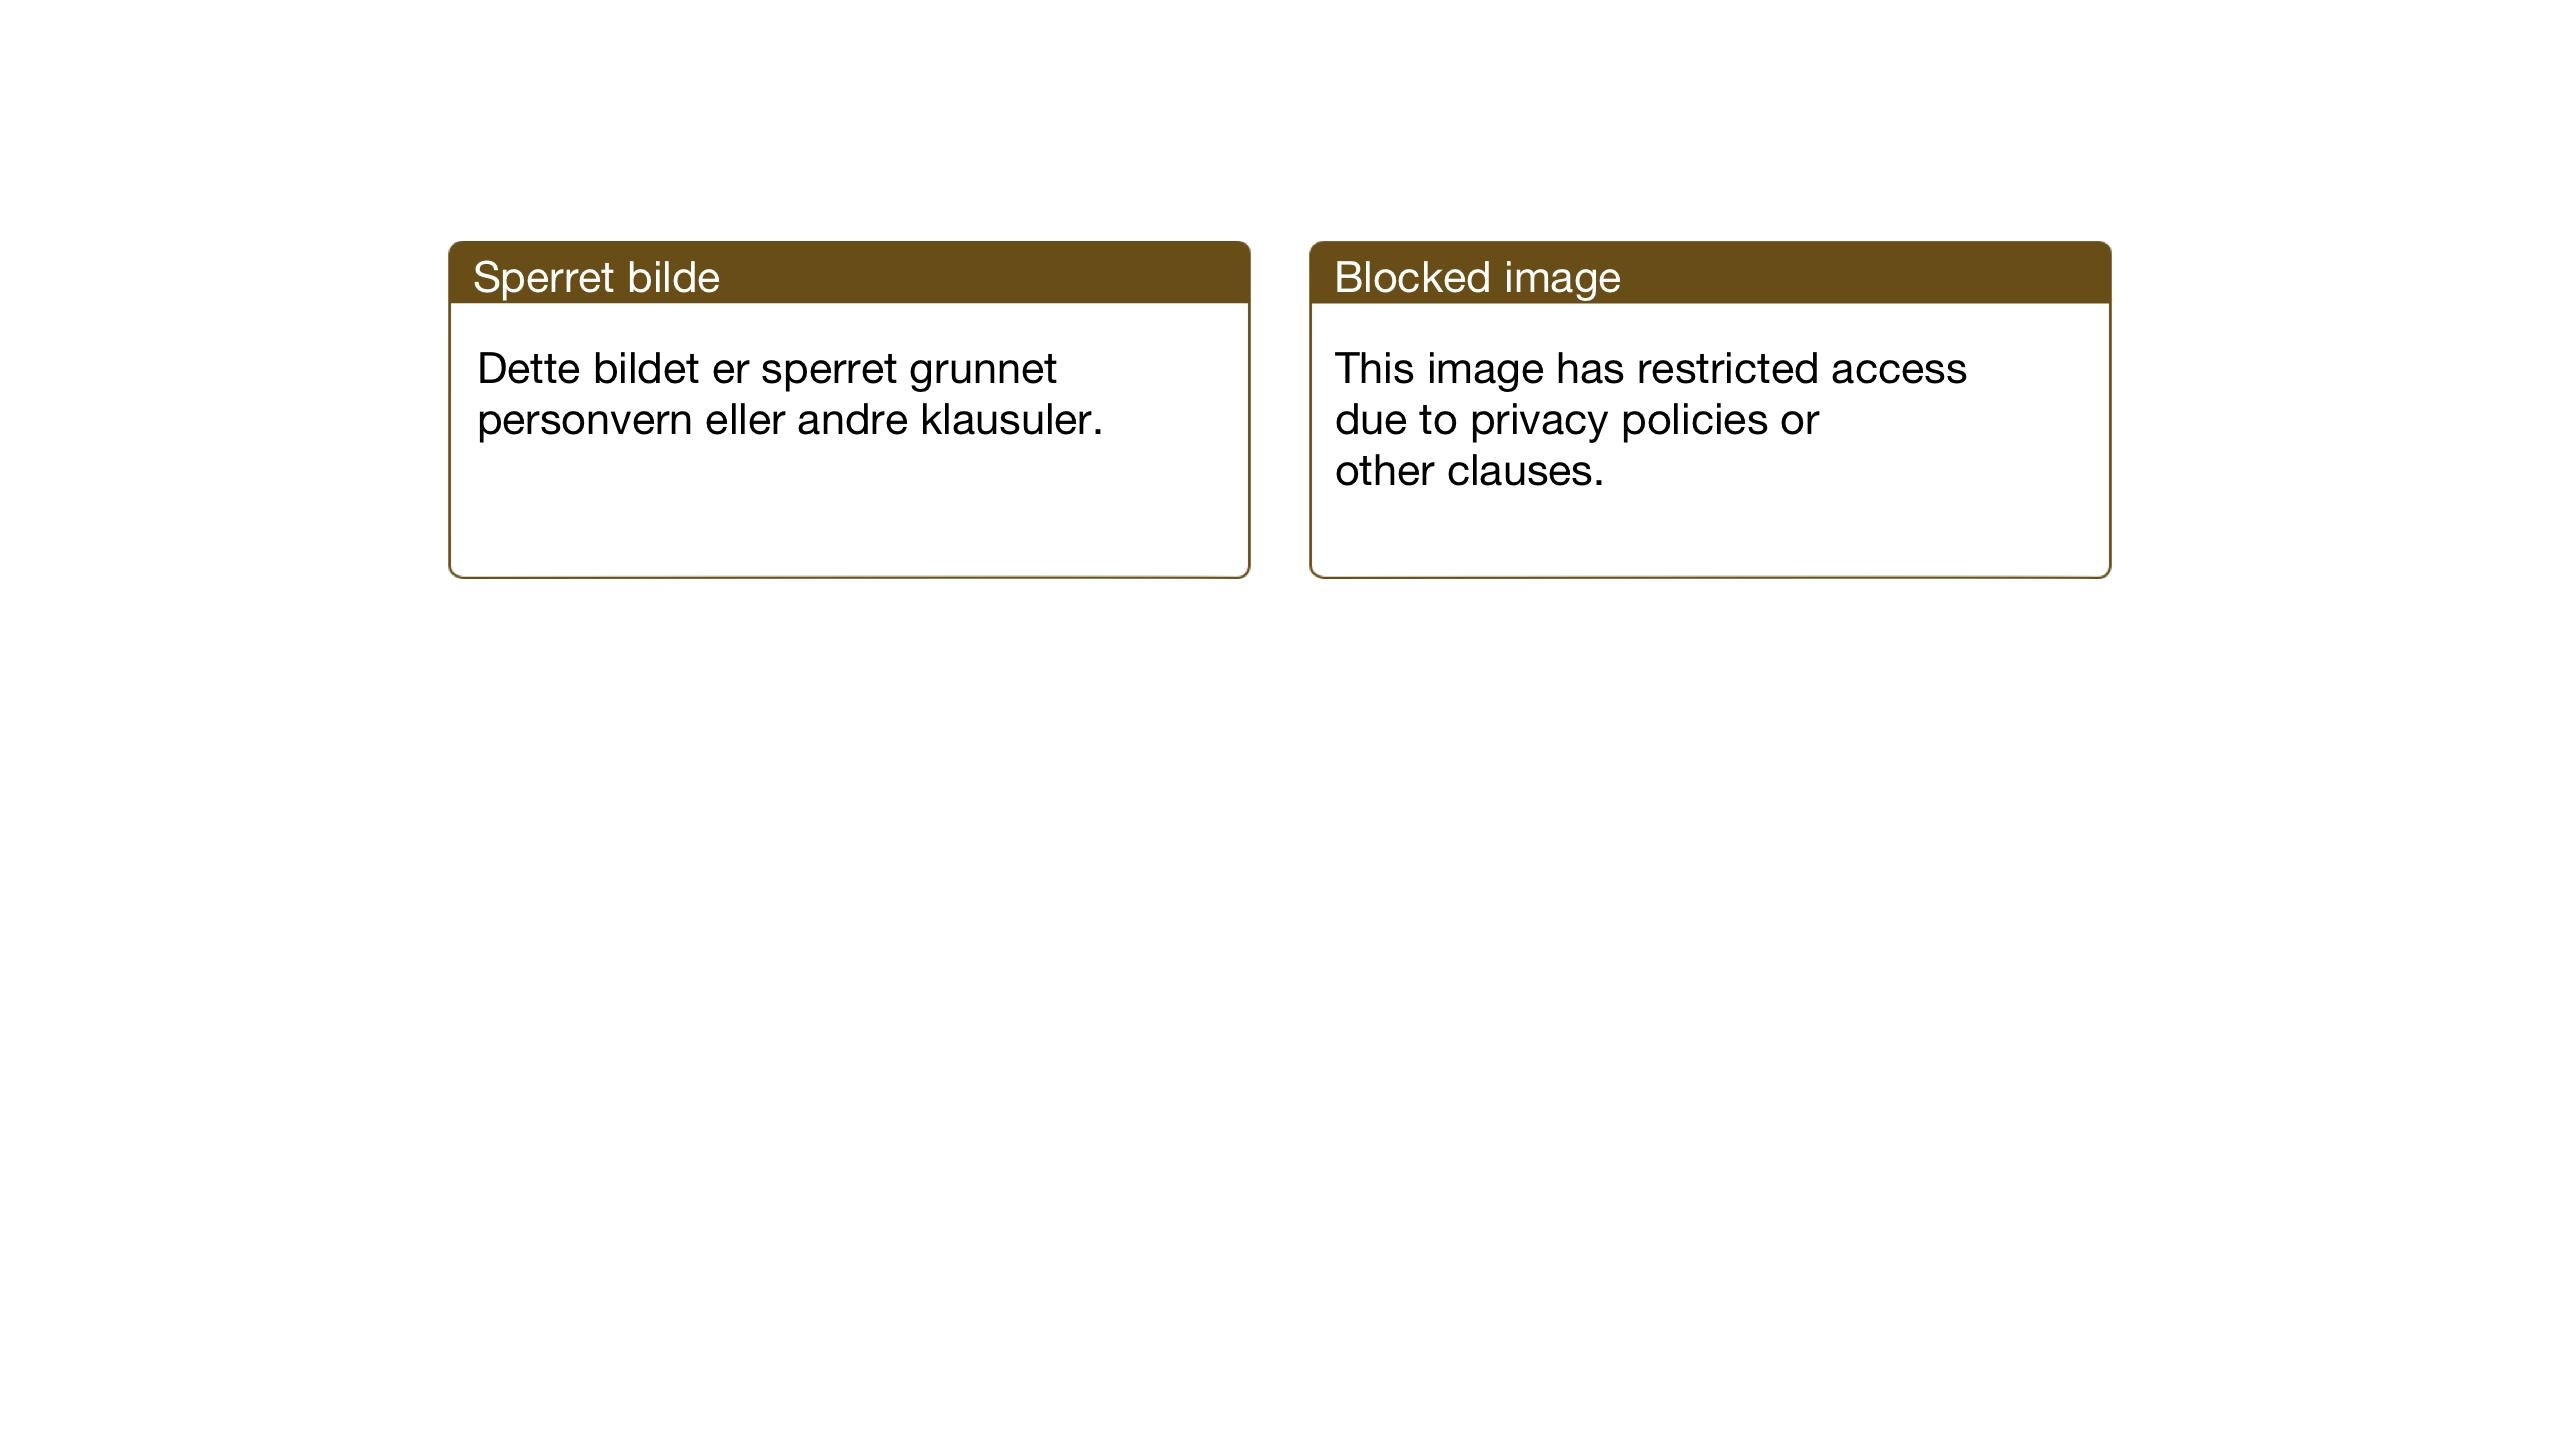 SAT, Ministerialprotokoller, klokkerbøker og fødselsregistre - Sør-Trøndelag, 696/L1161: Klokkerbok nr. 696C01, 1902-1950, s. 59